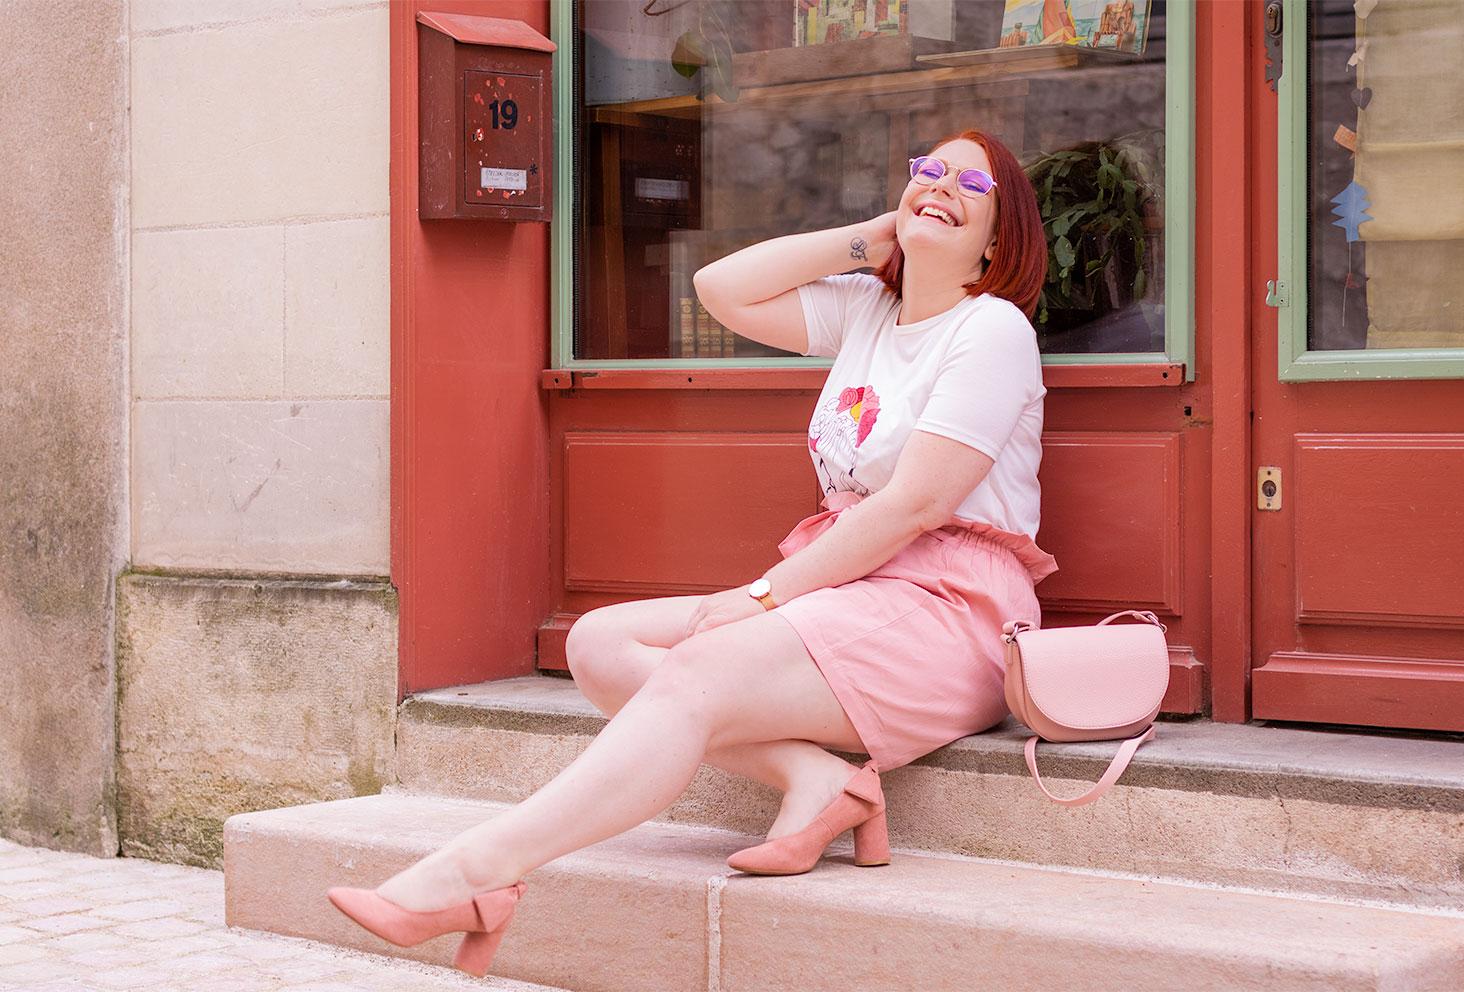 Assise dans les marches devant une boutique à la façade couleur brique, en jupe et escarpins roses, une main dans les cheveux